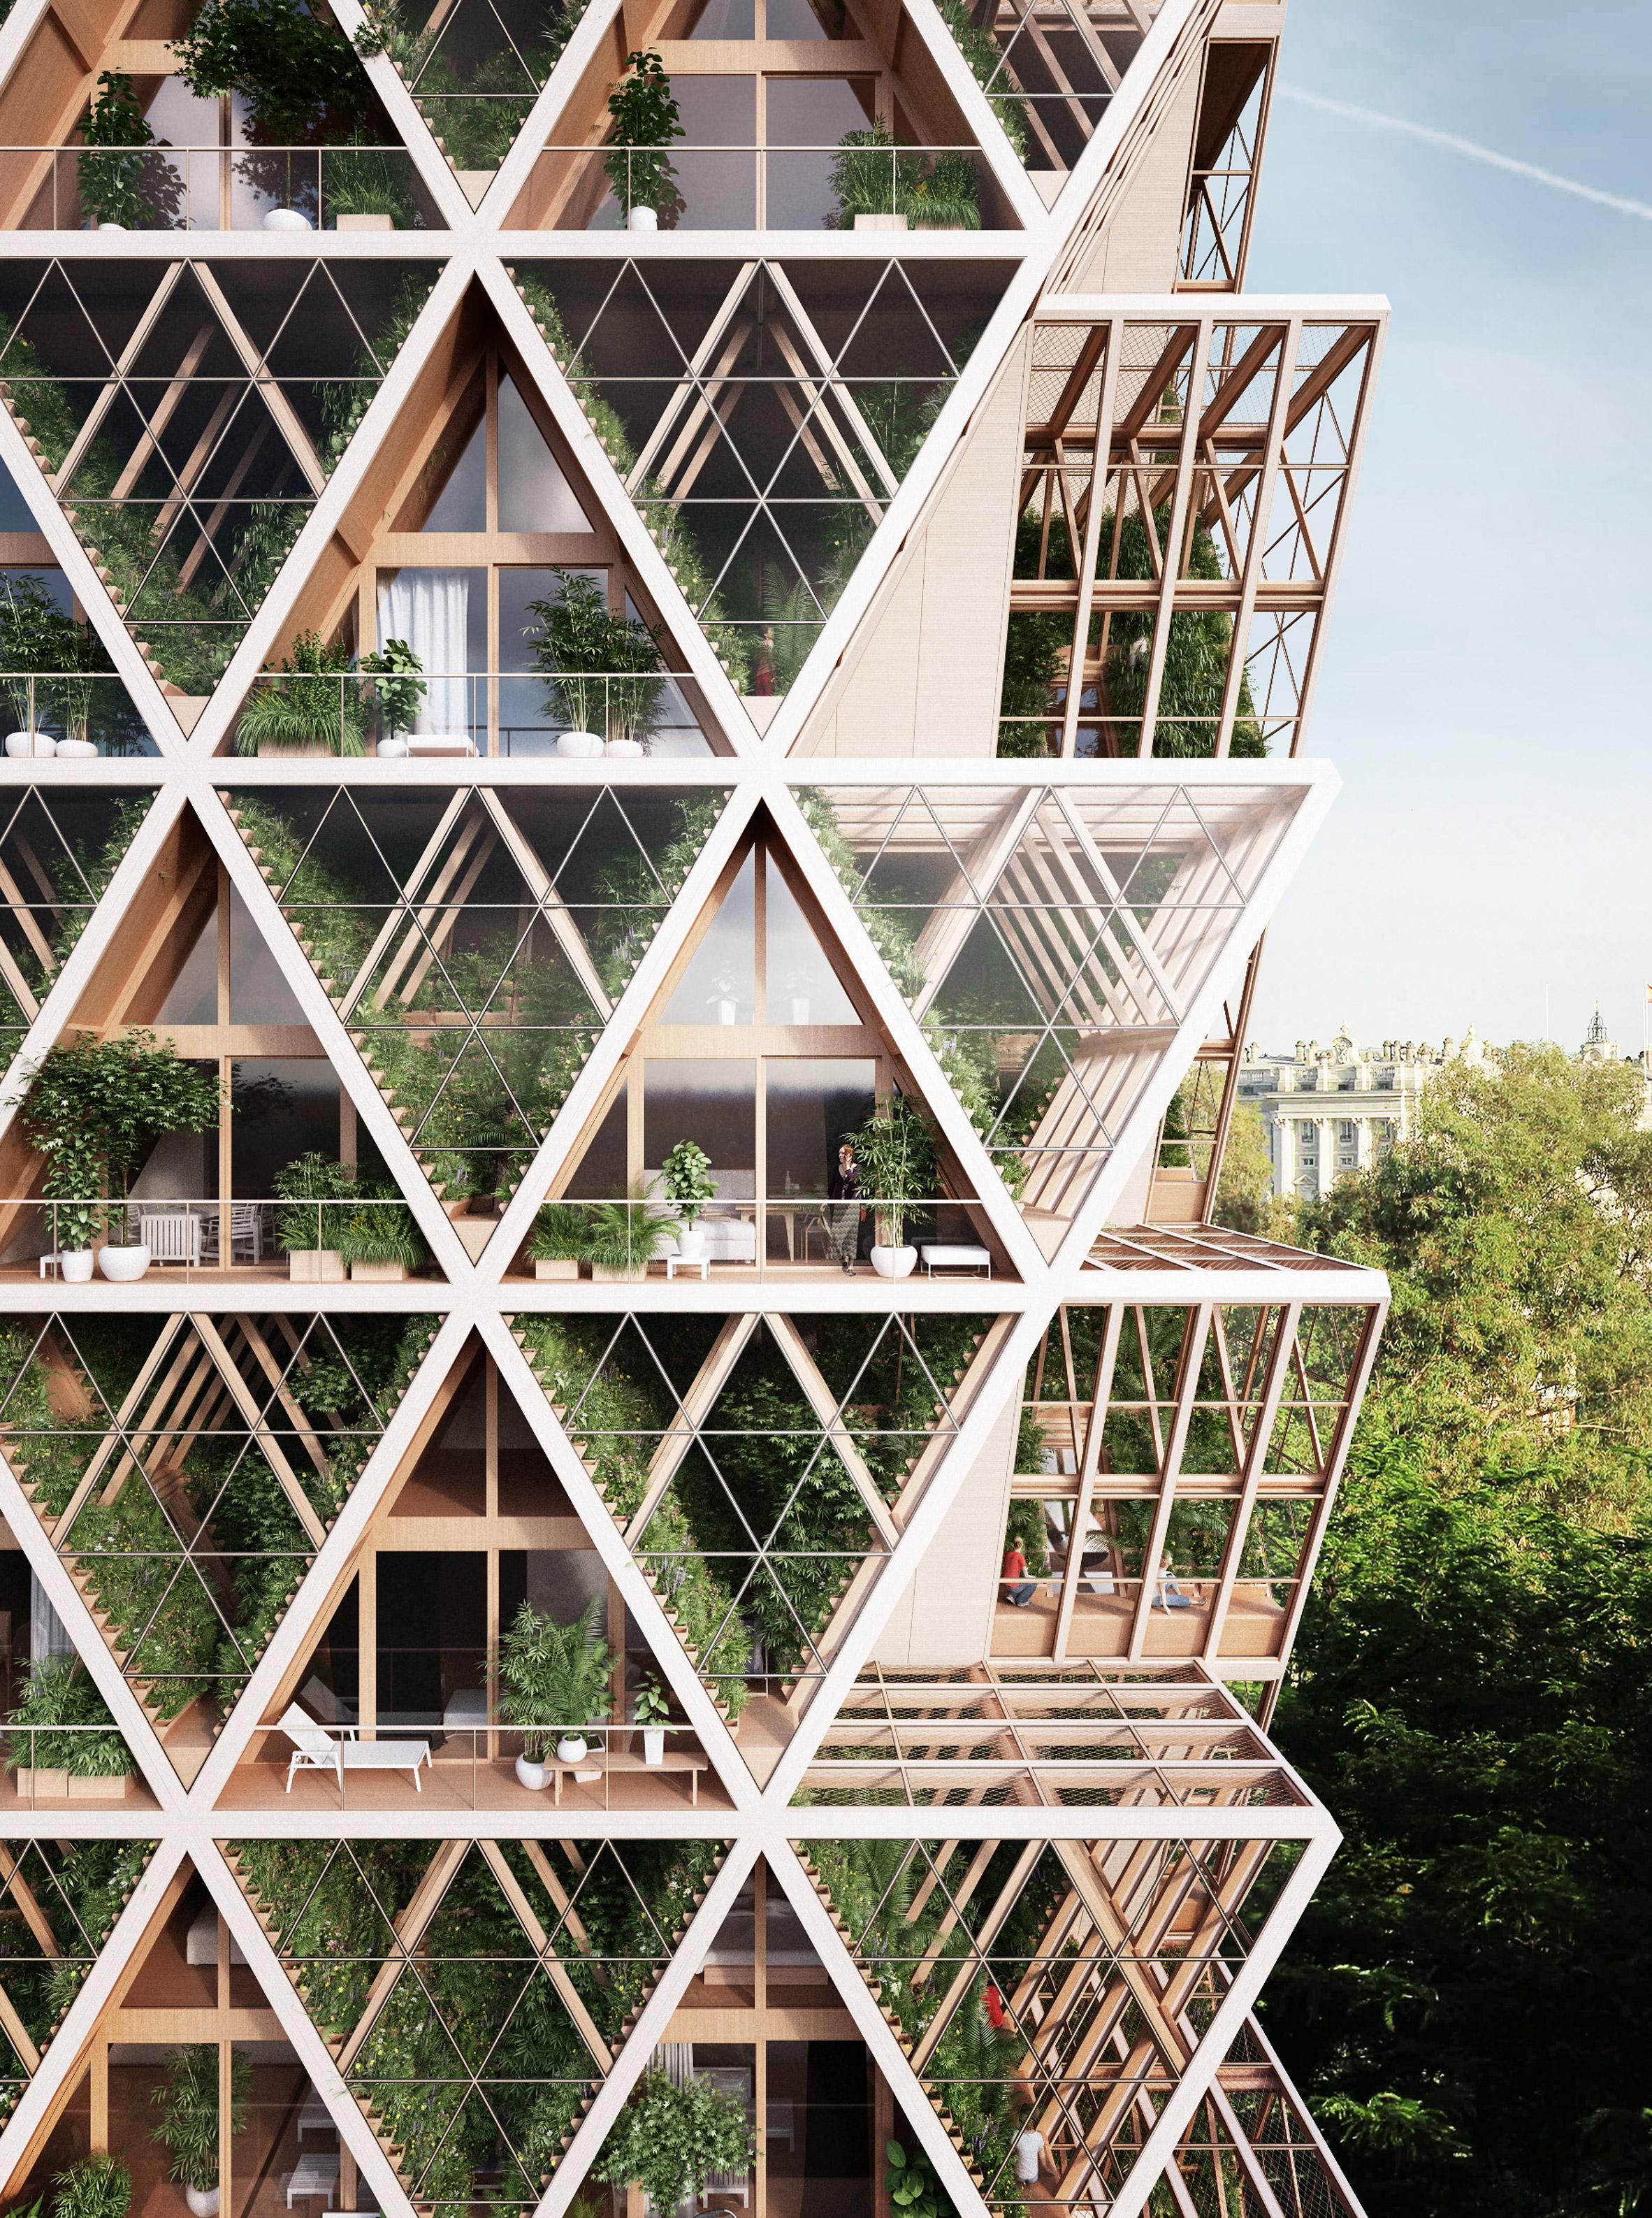 The Farmhouse vertical farm concept by Precht